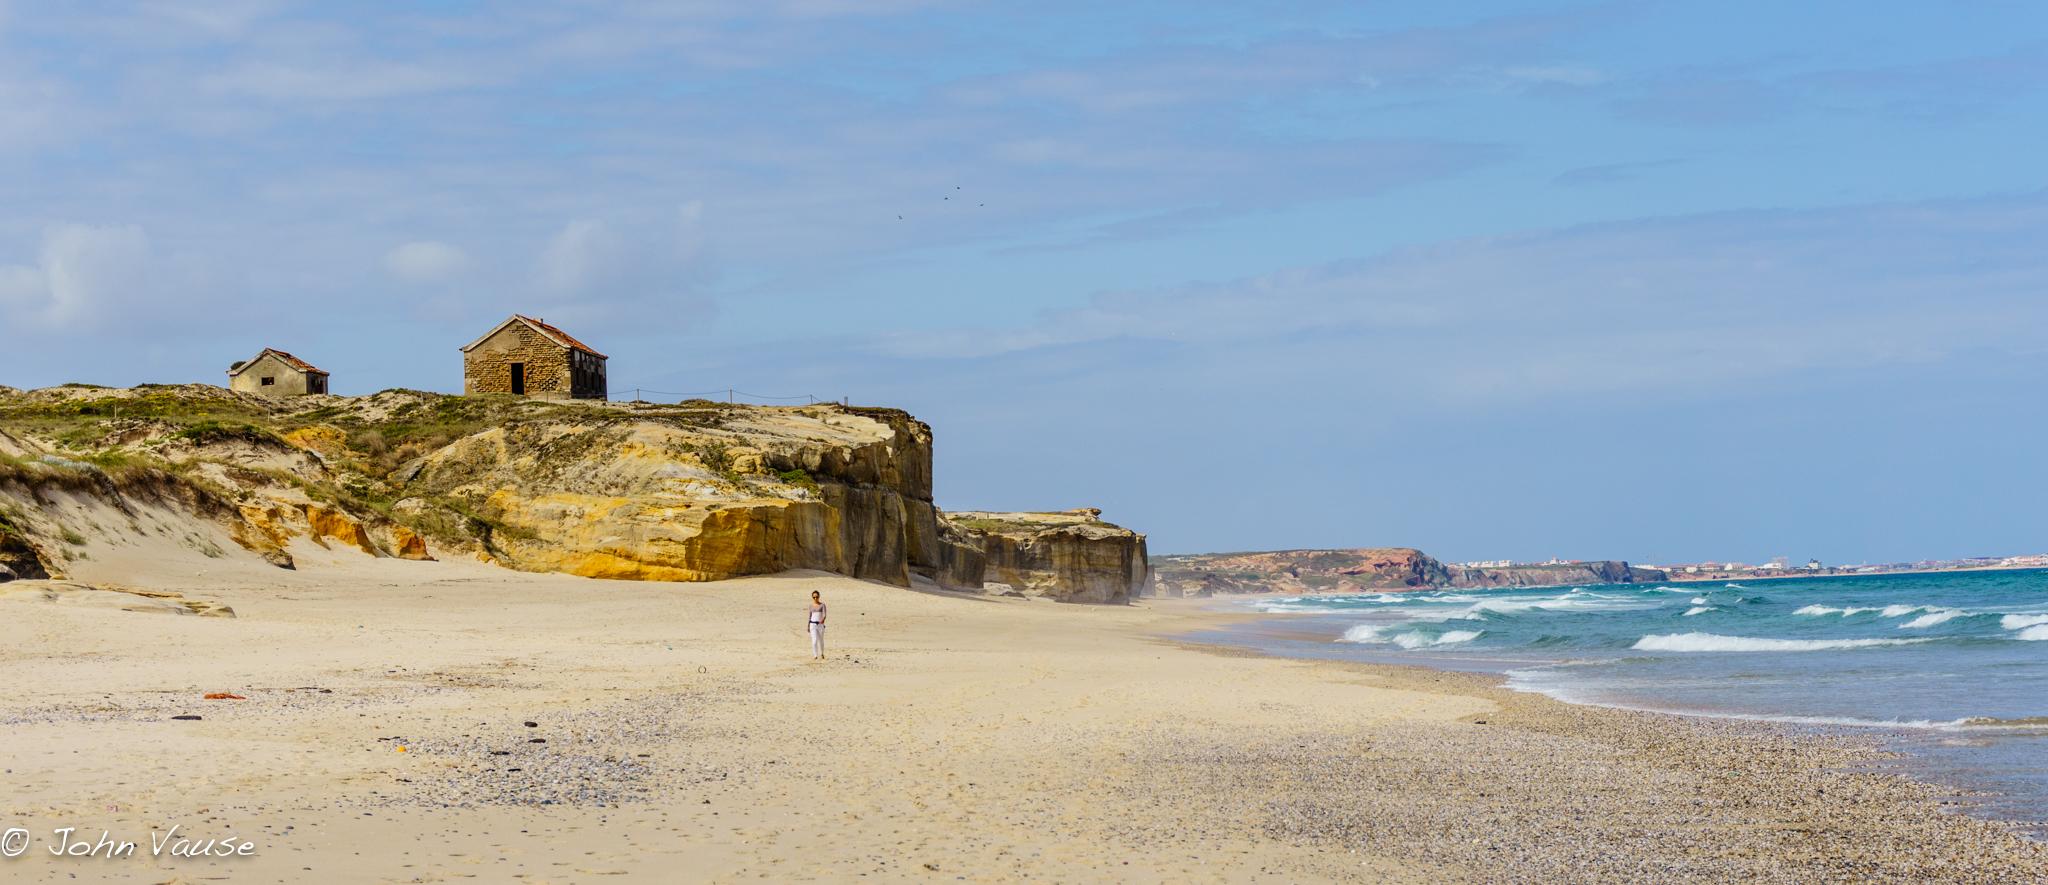 Praia del Rei, The Silver Coast